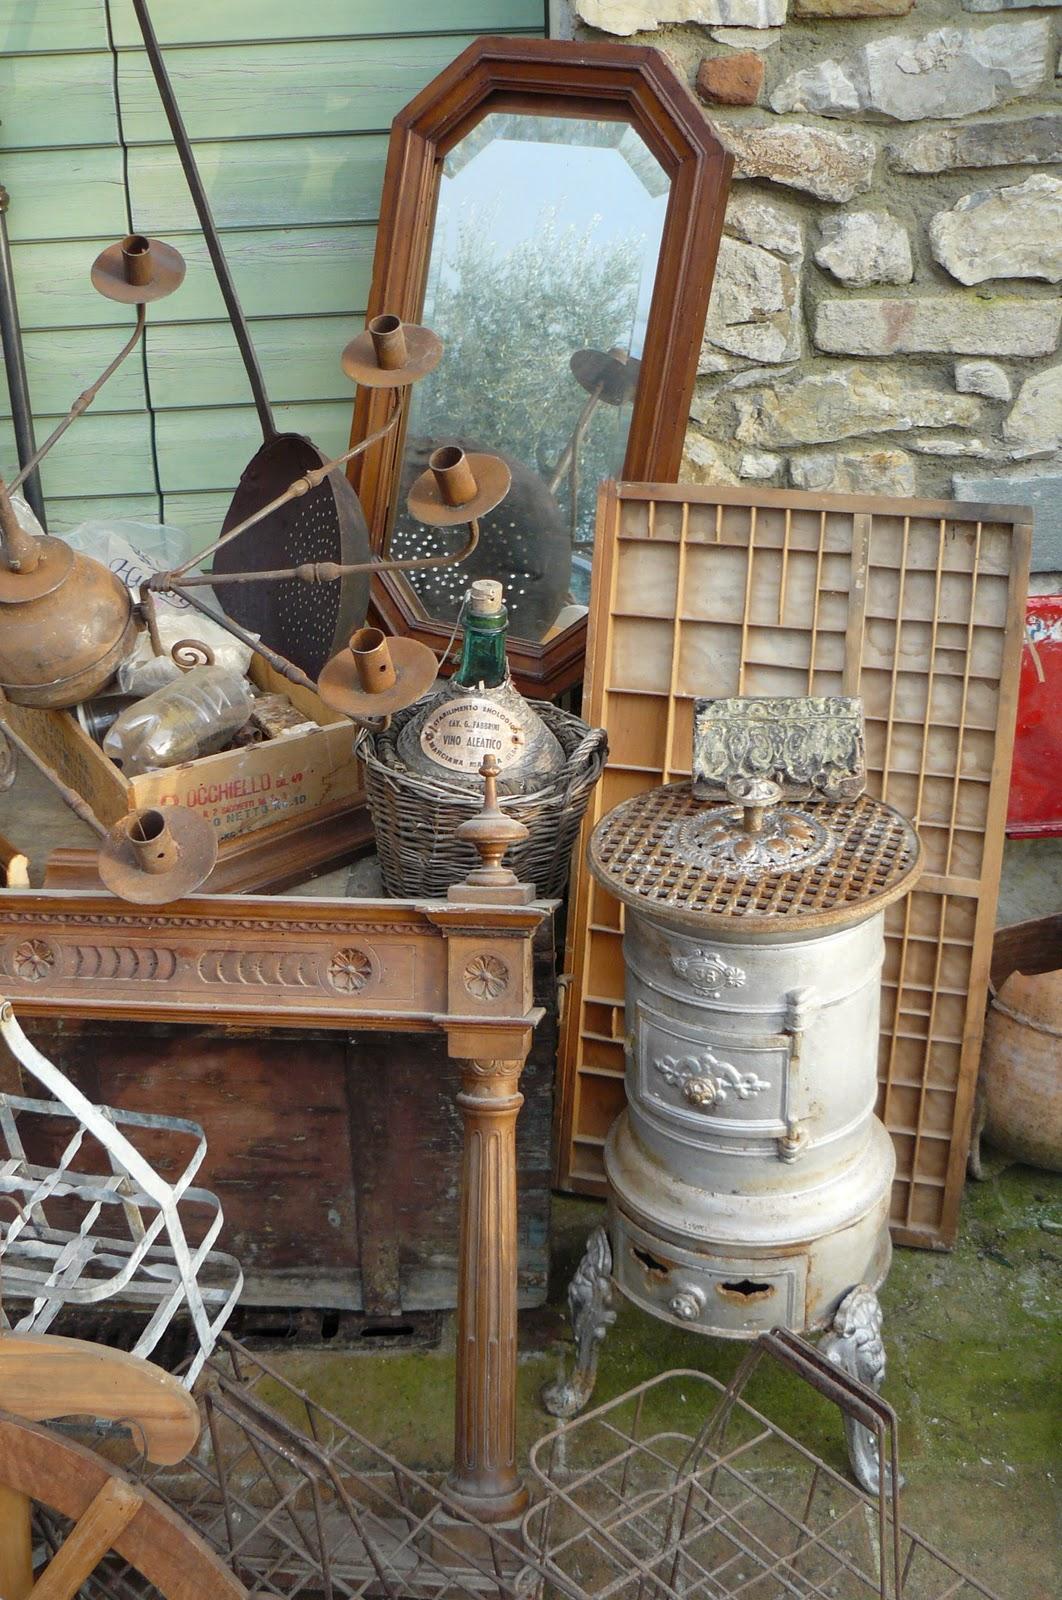 Verdesalvia fuori tutto for Regalo oggetti vecchi